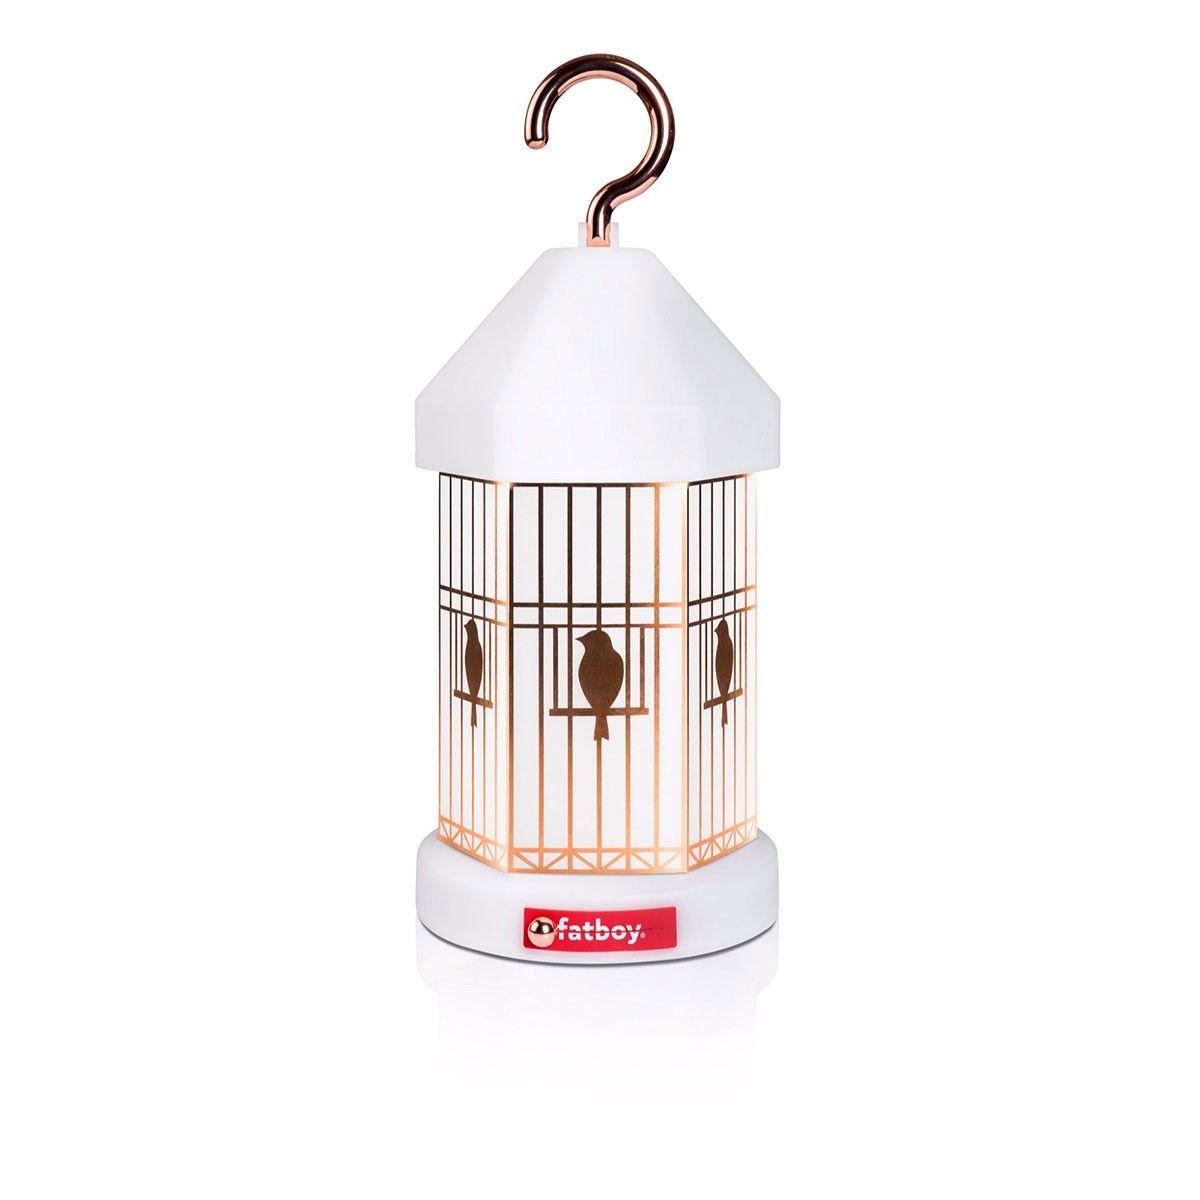 Lampe Lampie On Deluxe Blanc Fatboy Fatboy Renouvelle Le Lampion Avec Cette Lampe Au Design Singulier Qui Convient Aussi Bien A L In Table Lamps Lamp